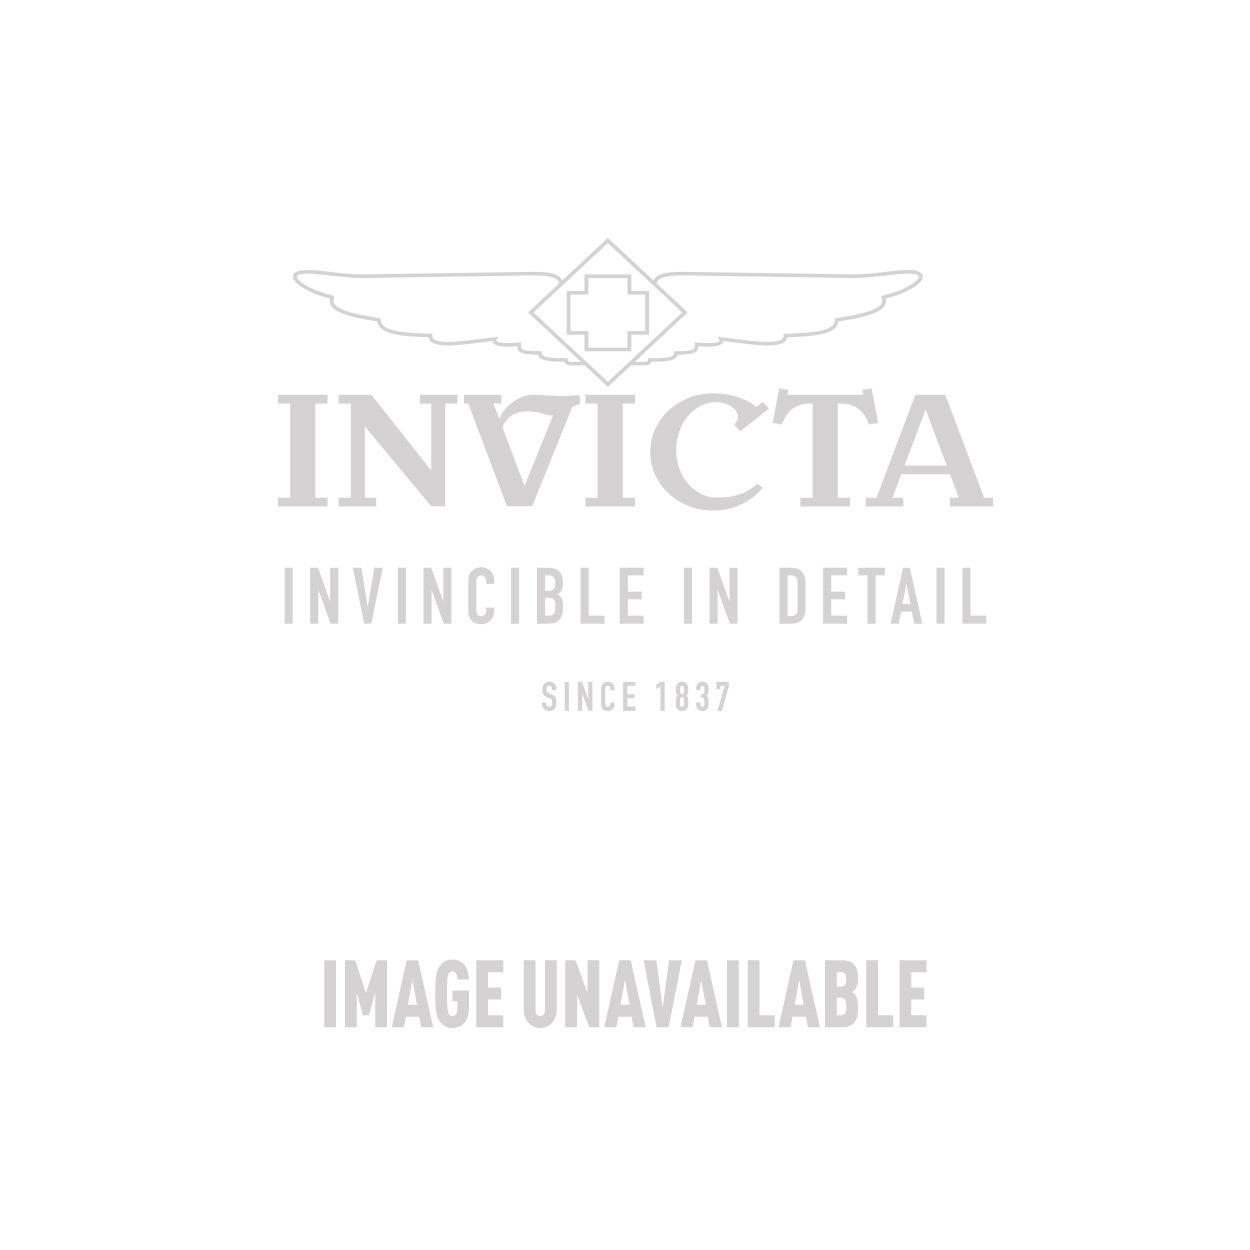 Invicta Model 27154